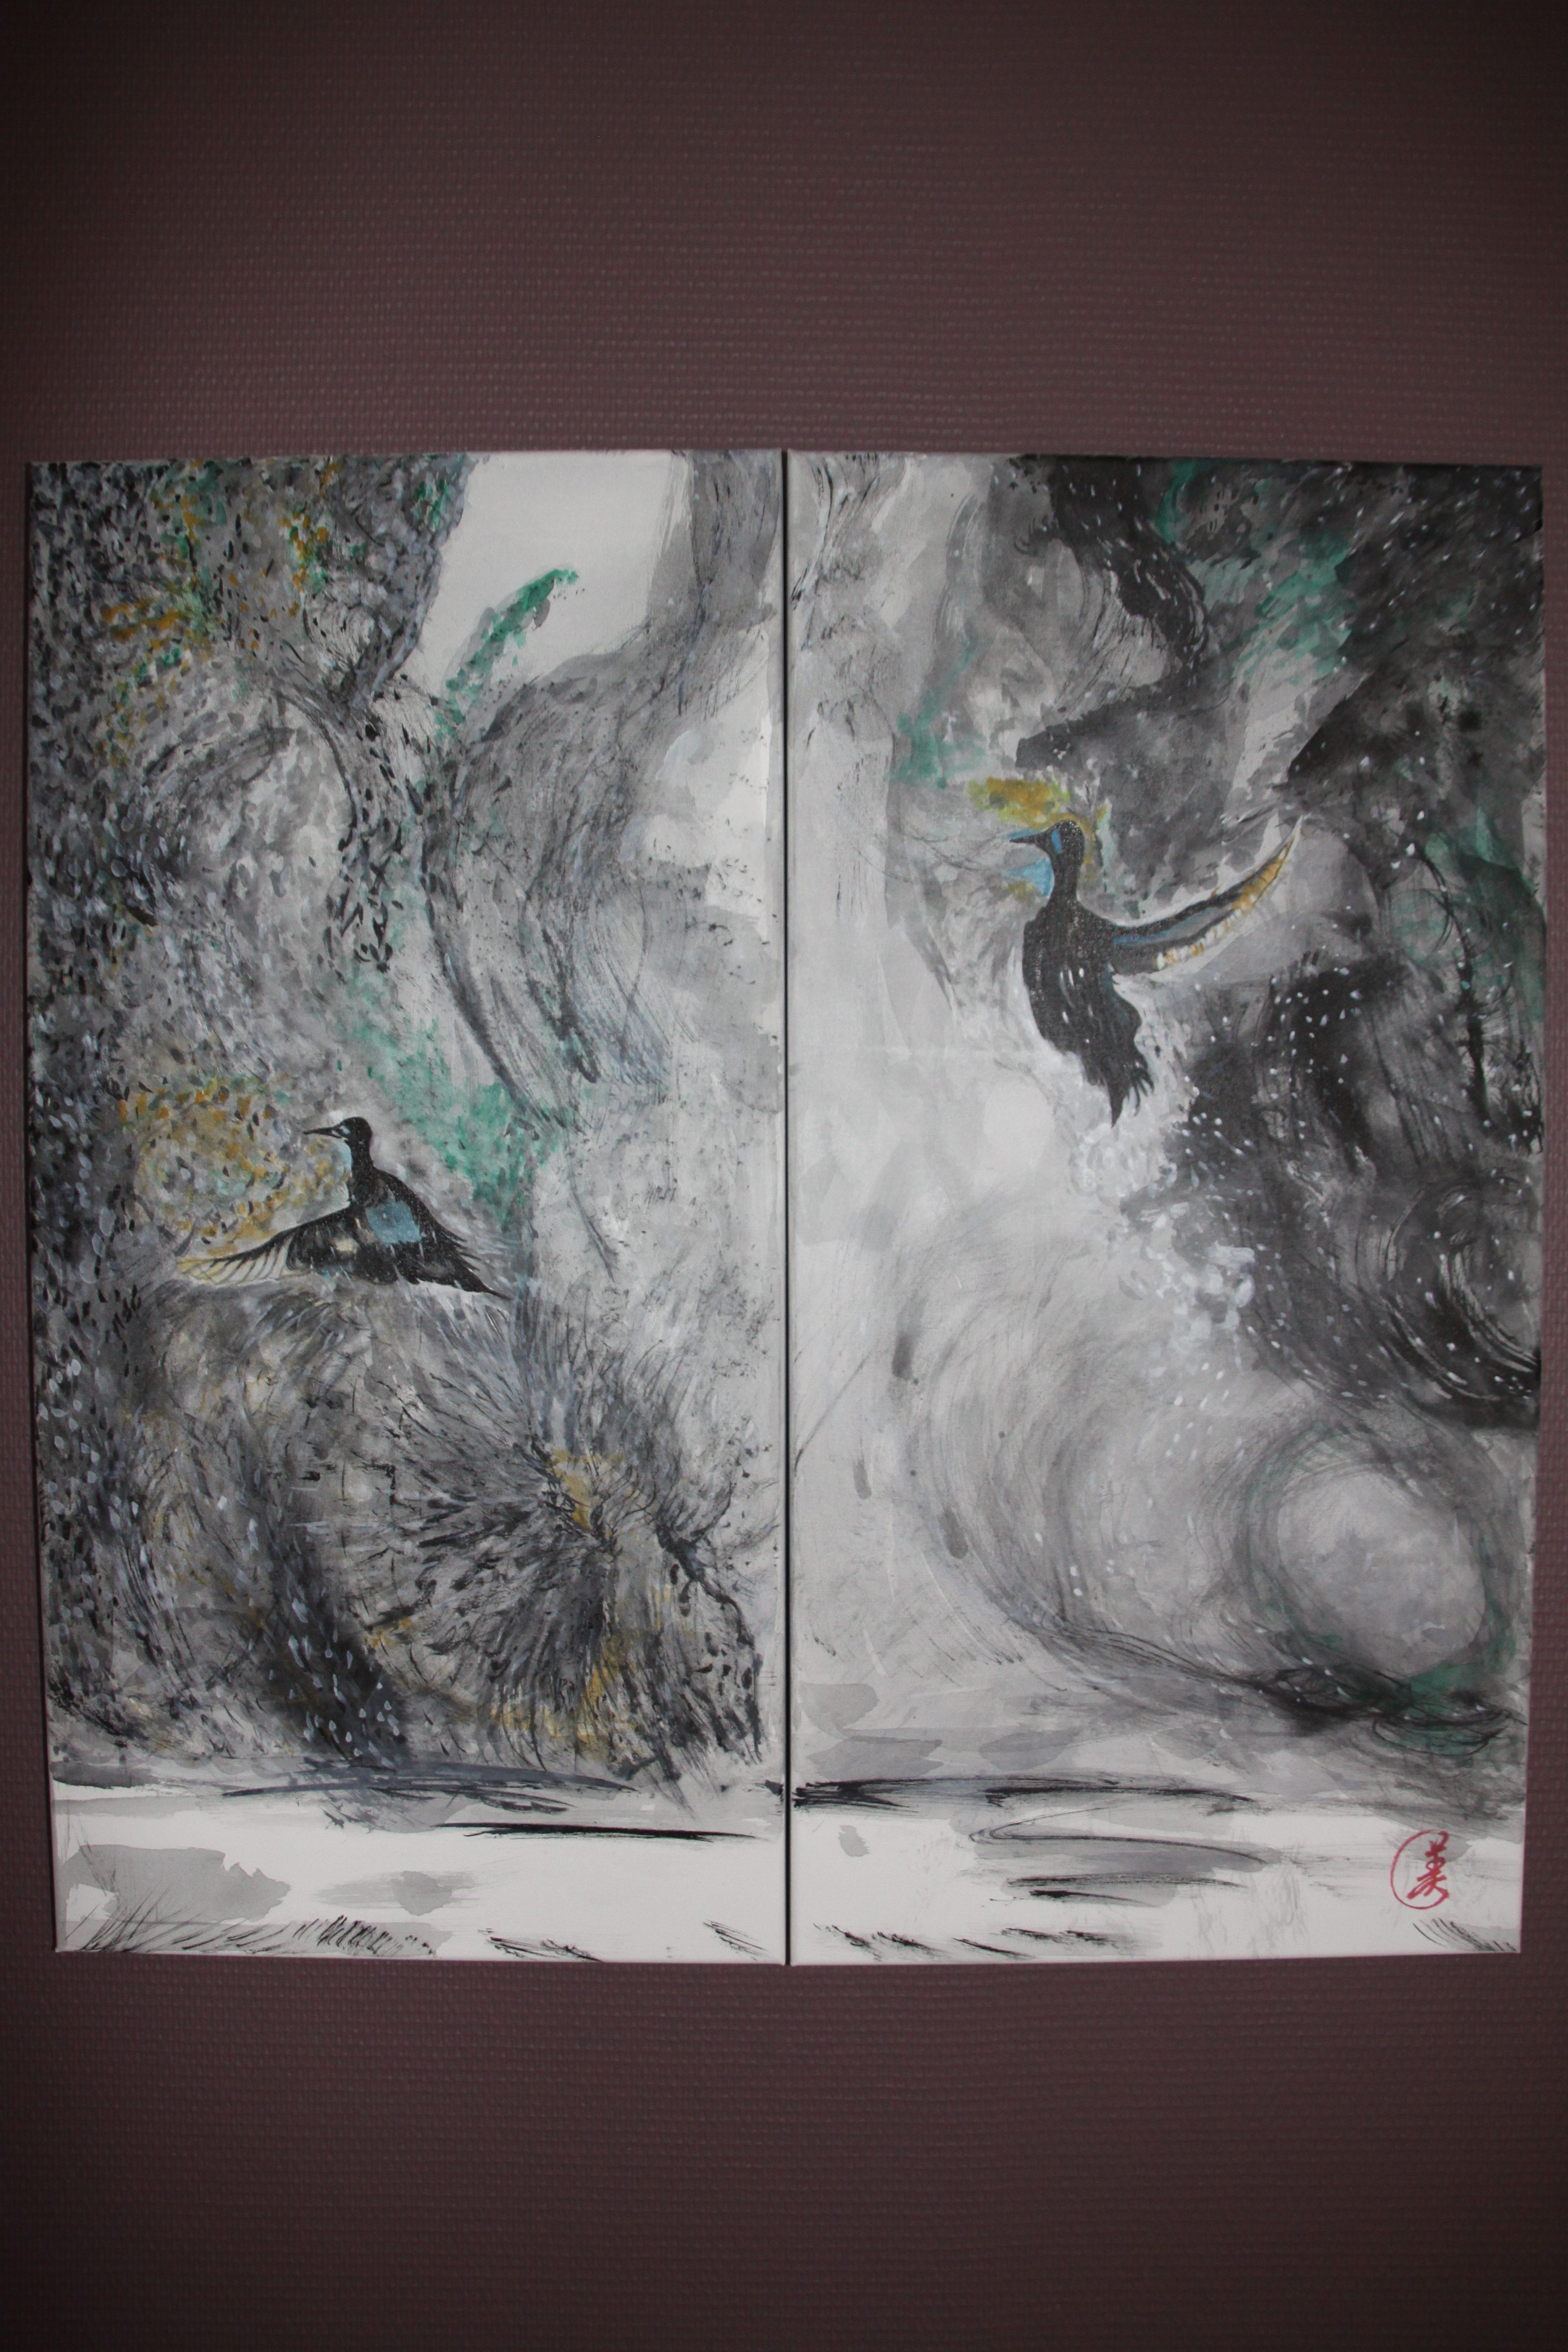 sans title ( 40cm x 80cm) 2fois =80cm x 80cm L'encre de chine et ganryo sur la toile de lin